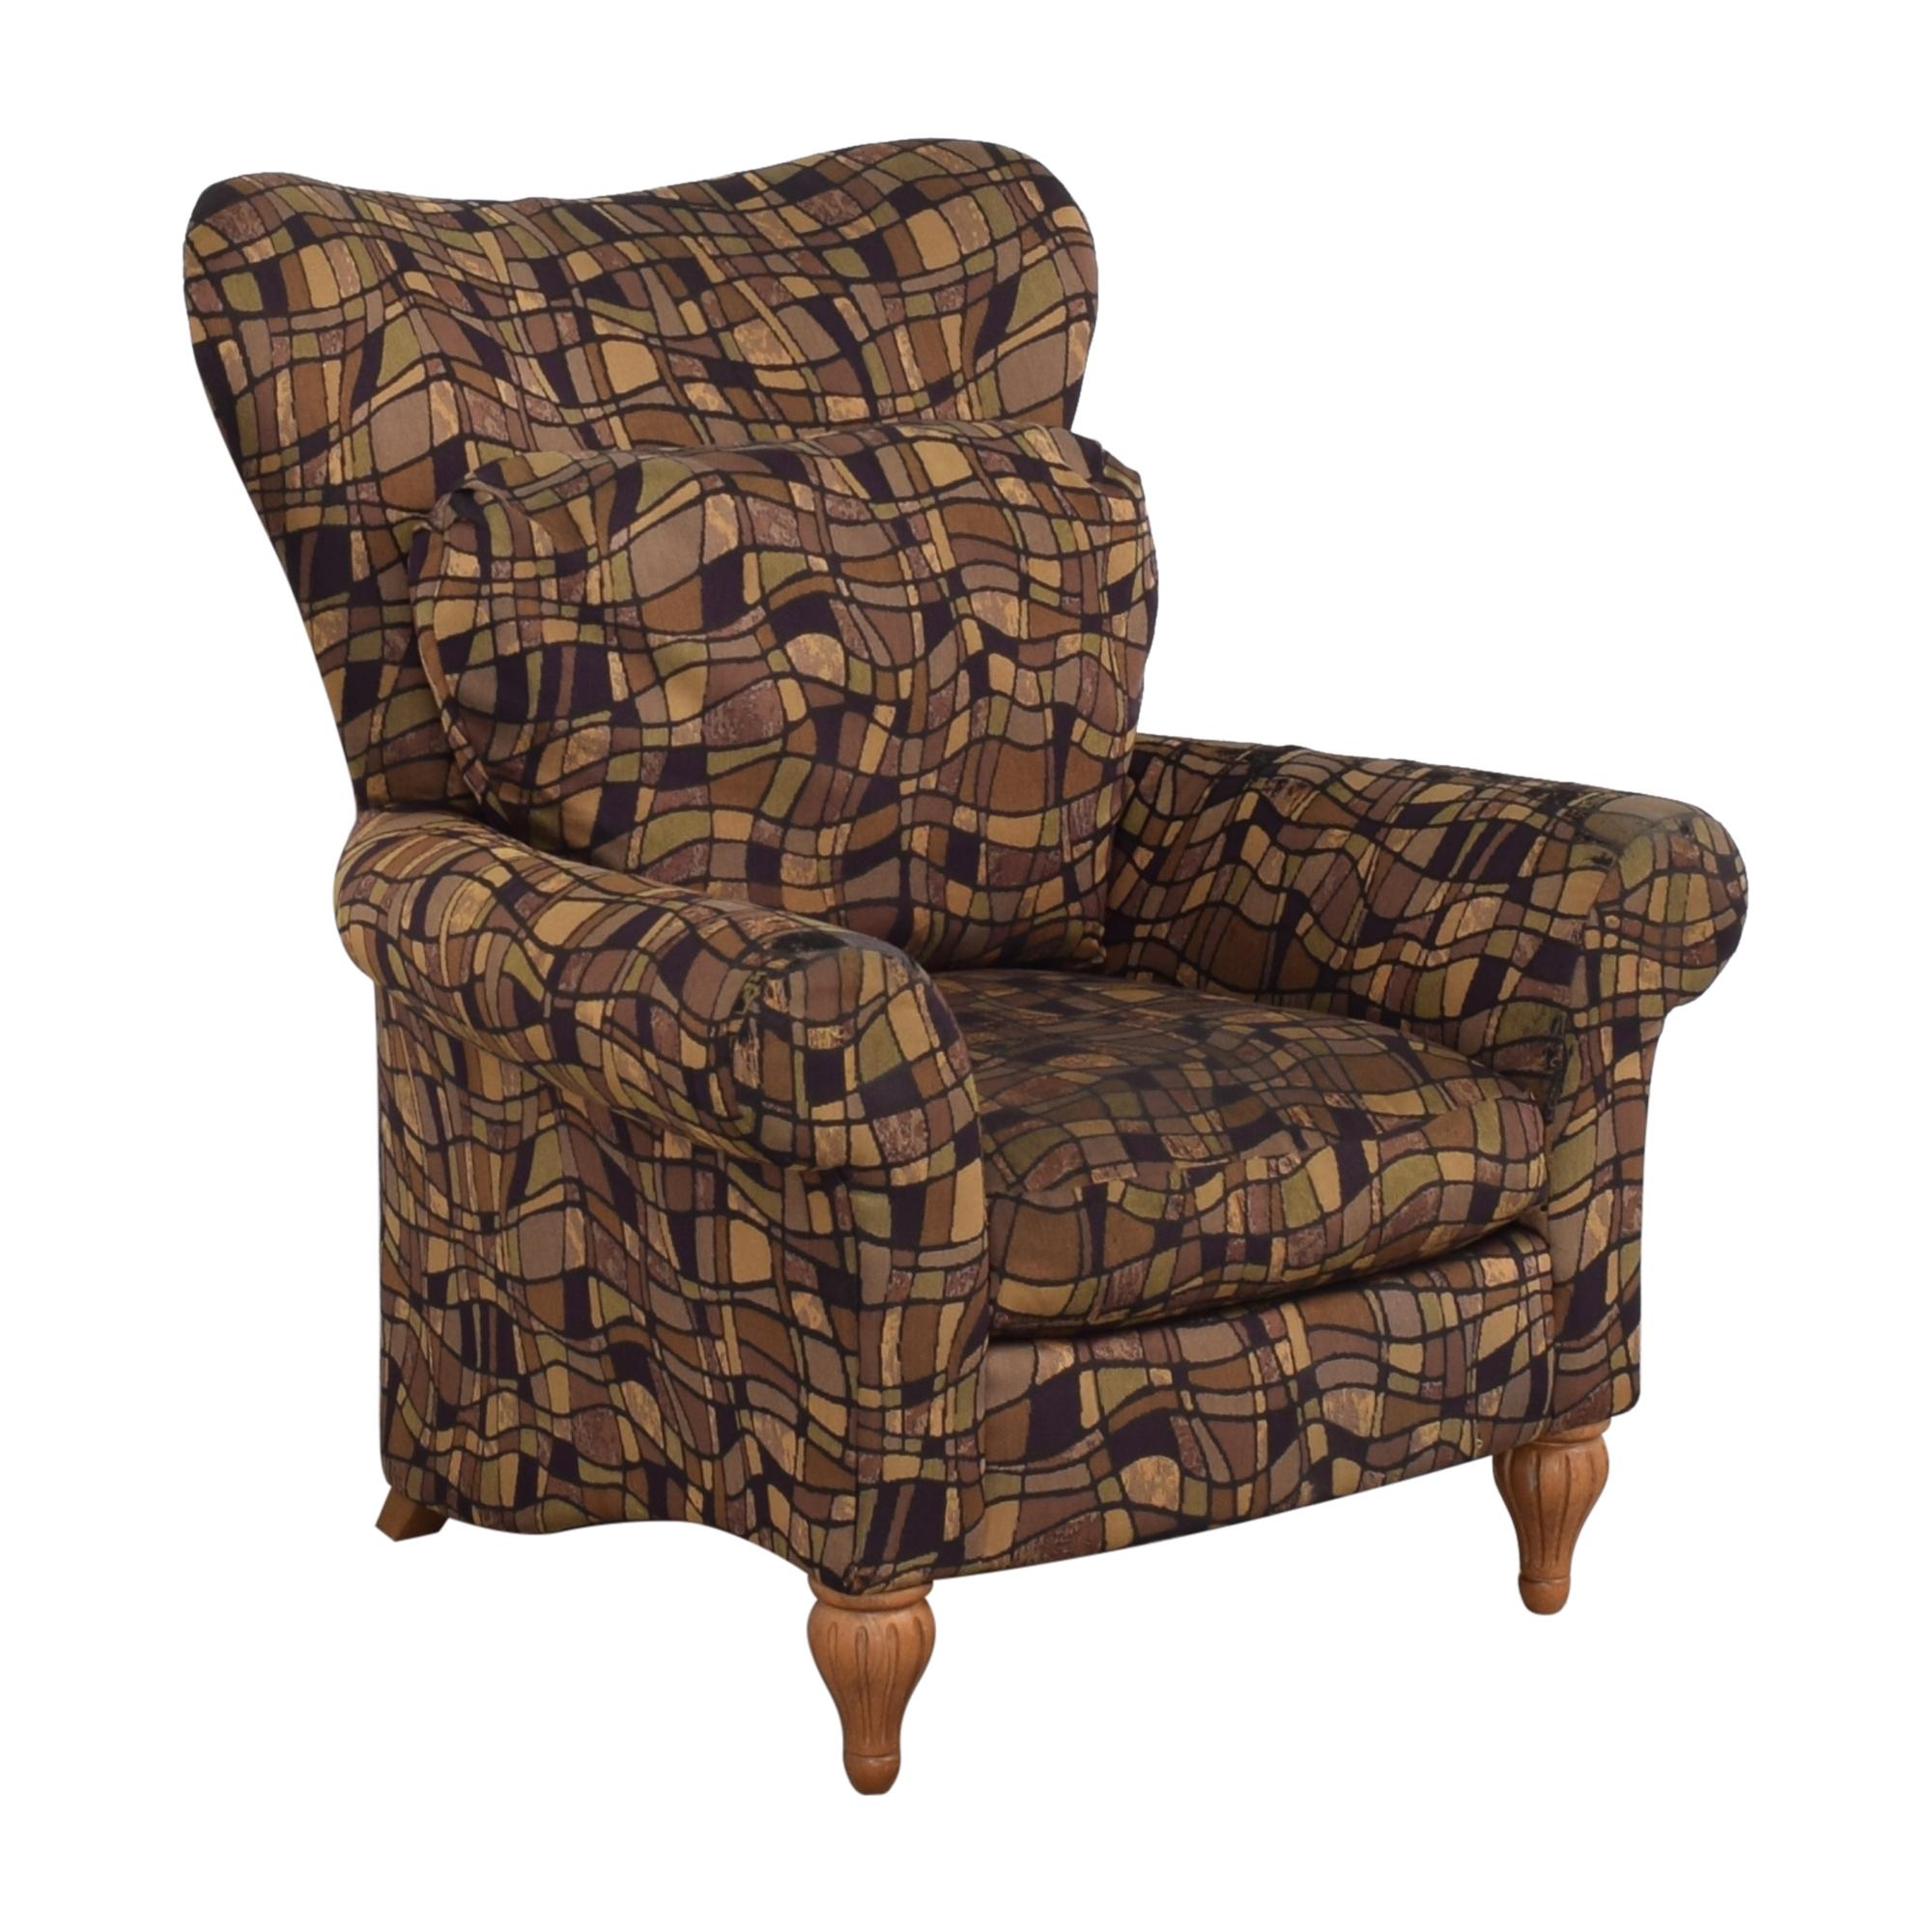 Bernhardt Rolled Armchair / Chairs